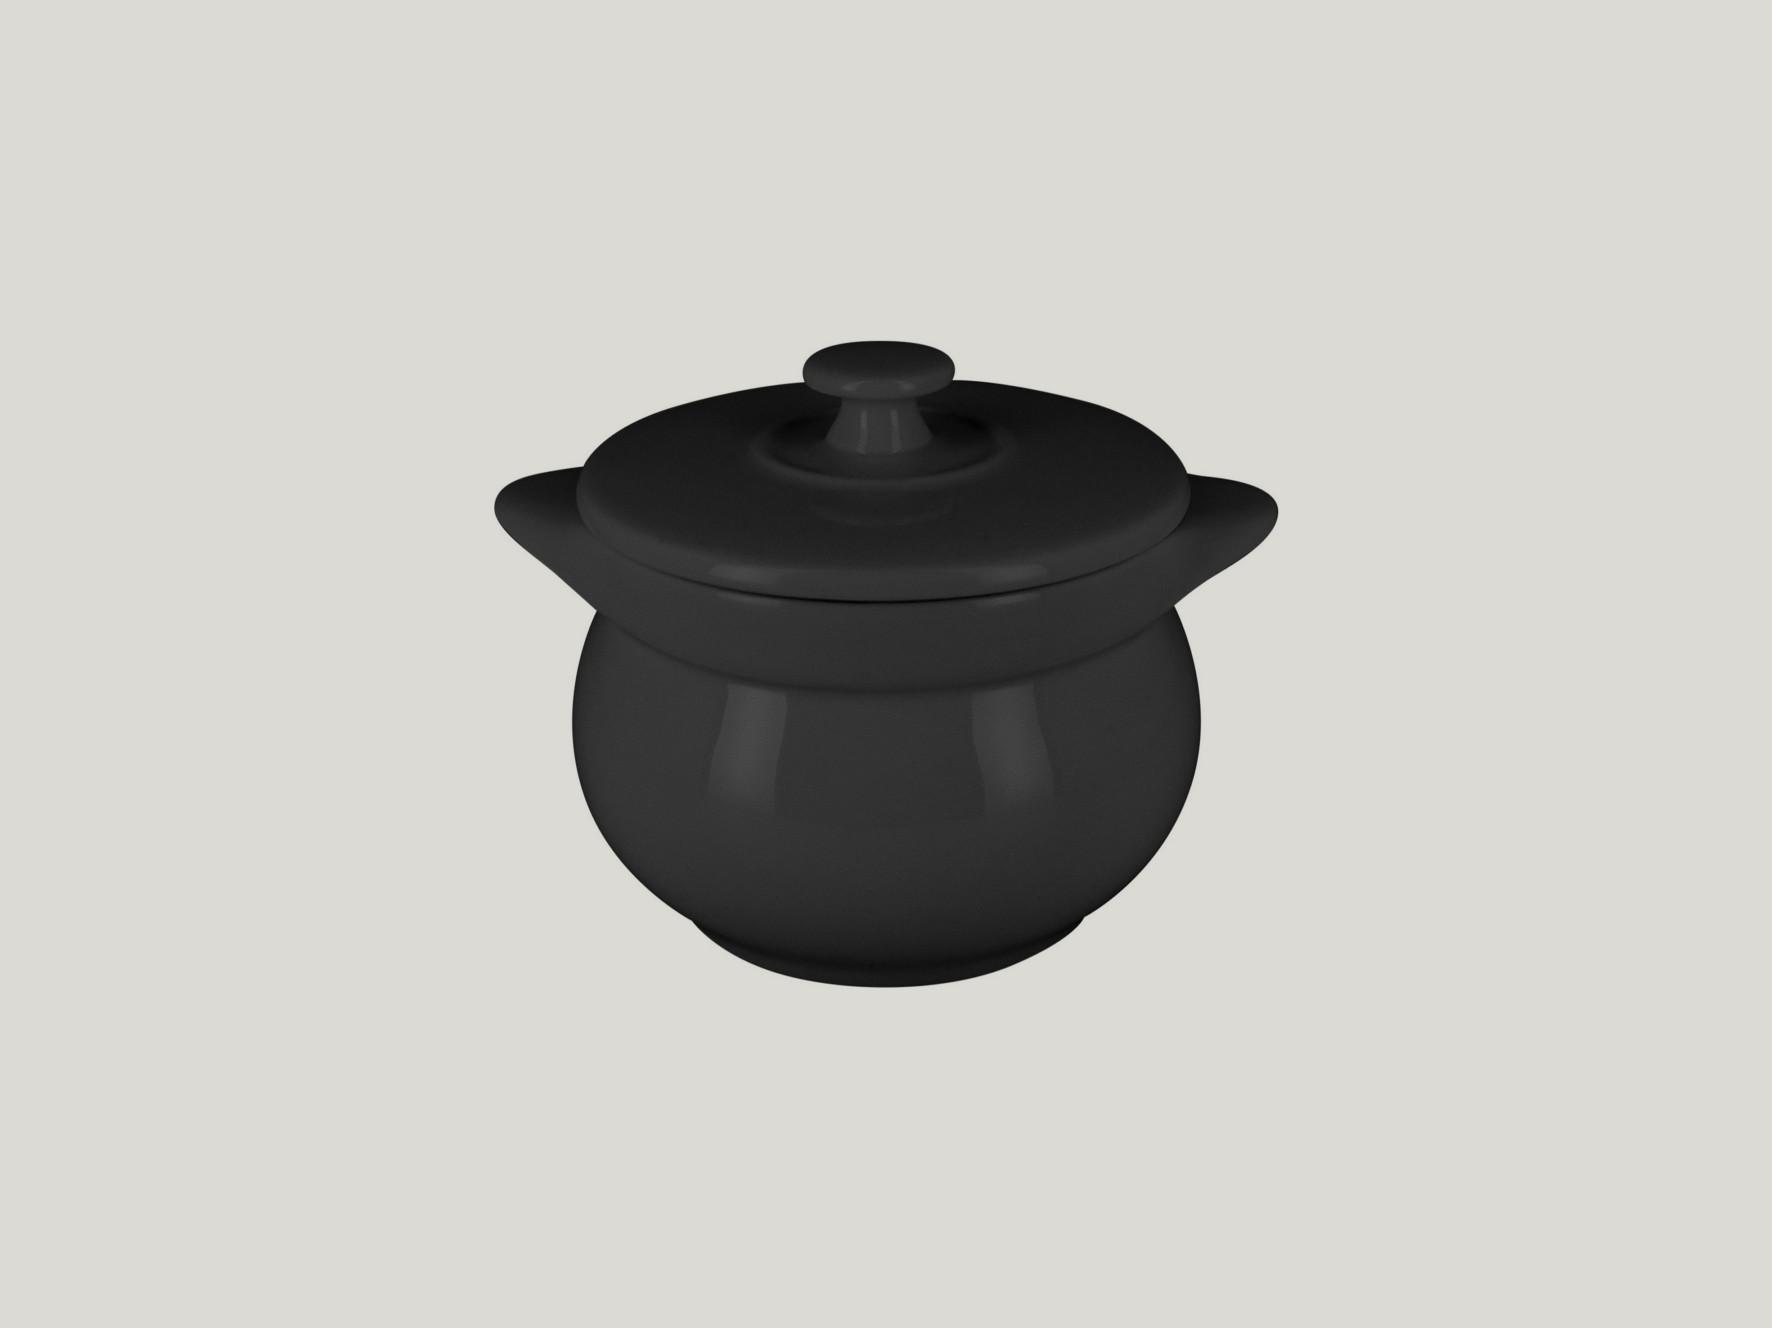 Chefś Fusion mísa na polévku s poklicí černá